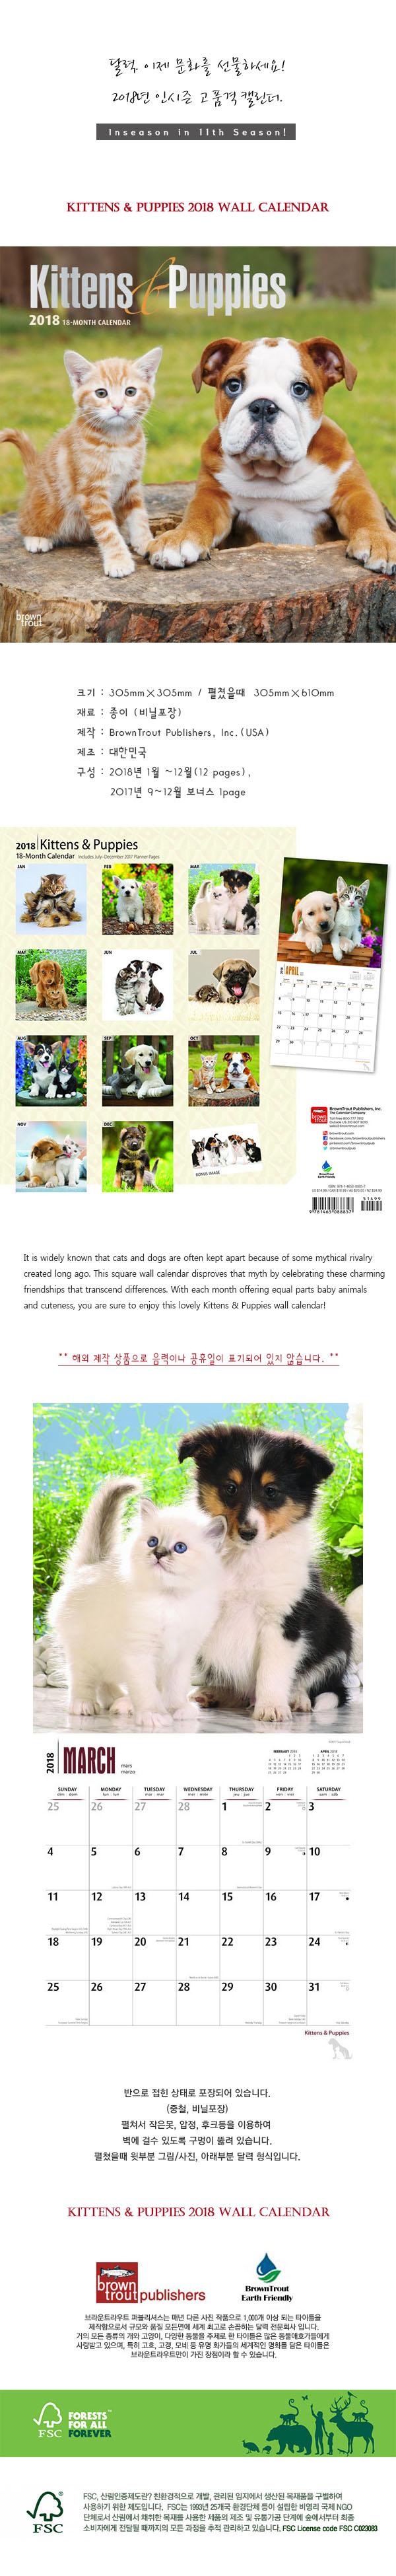 2018 캘린더 키튼앤퍼피 Kittens n Puppies16,000원-브라운트라우트디자인문구, 다이어리/캘린더, 캘린더, 벽걸이캘린더바보사랑2018 캘린더 키튼앤퍼피 Kittens n Puppies16,000원-브라운트라우트디자인문구, 다이어리/캘린더, 캘린더, 벽걸이캘린더바보사랑